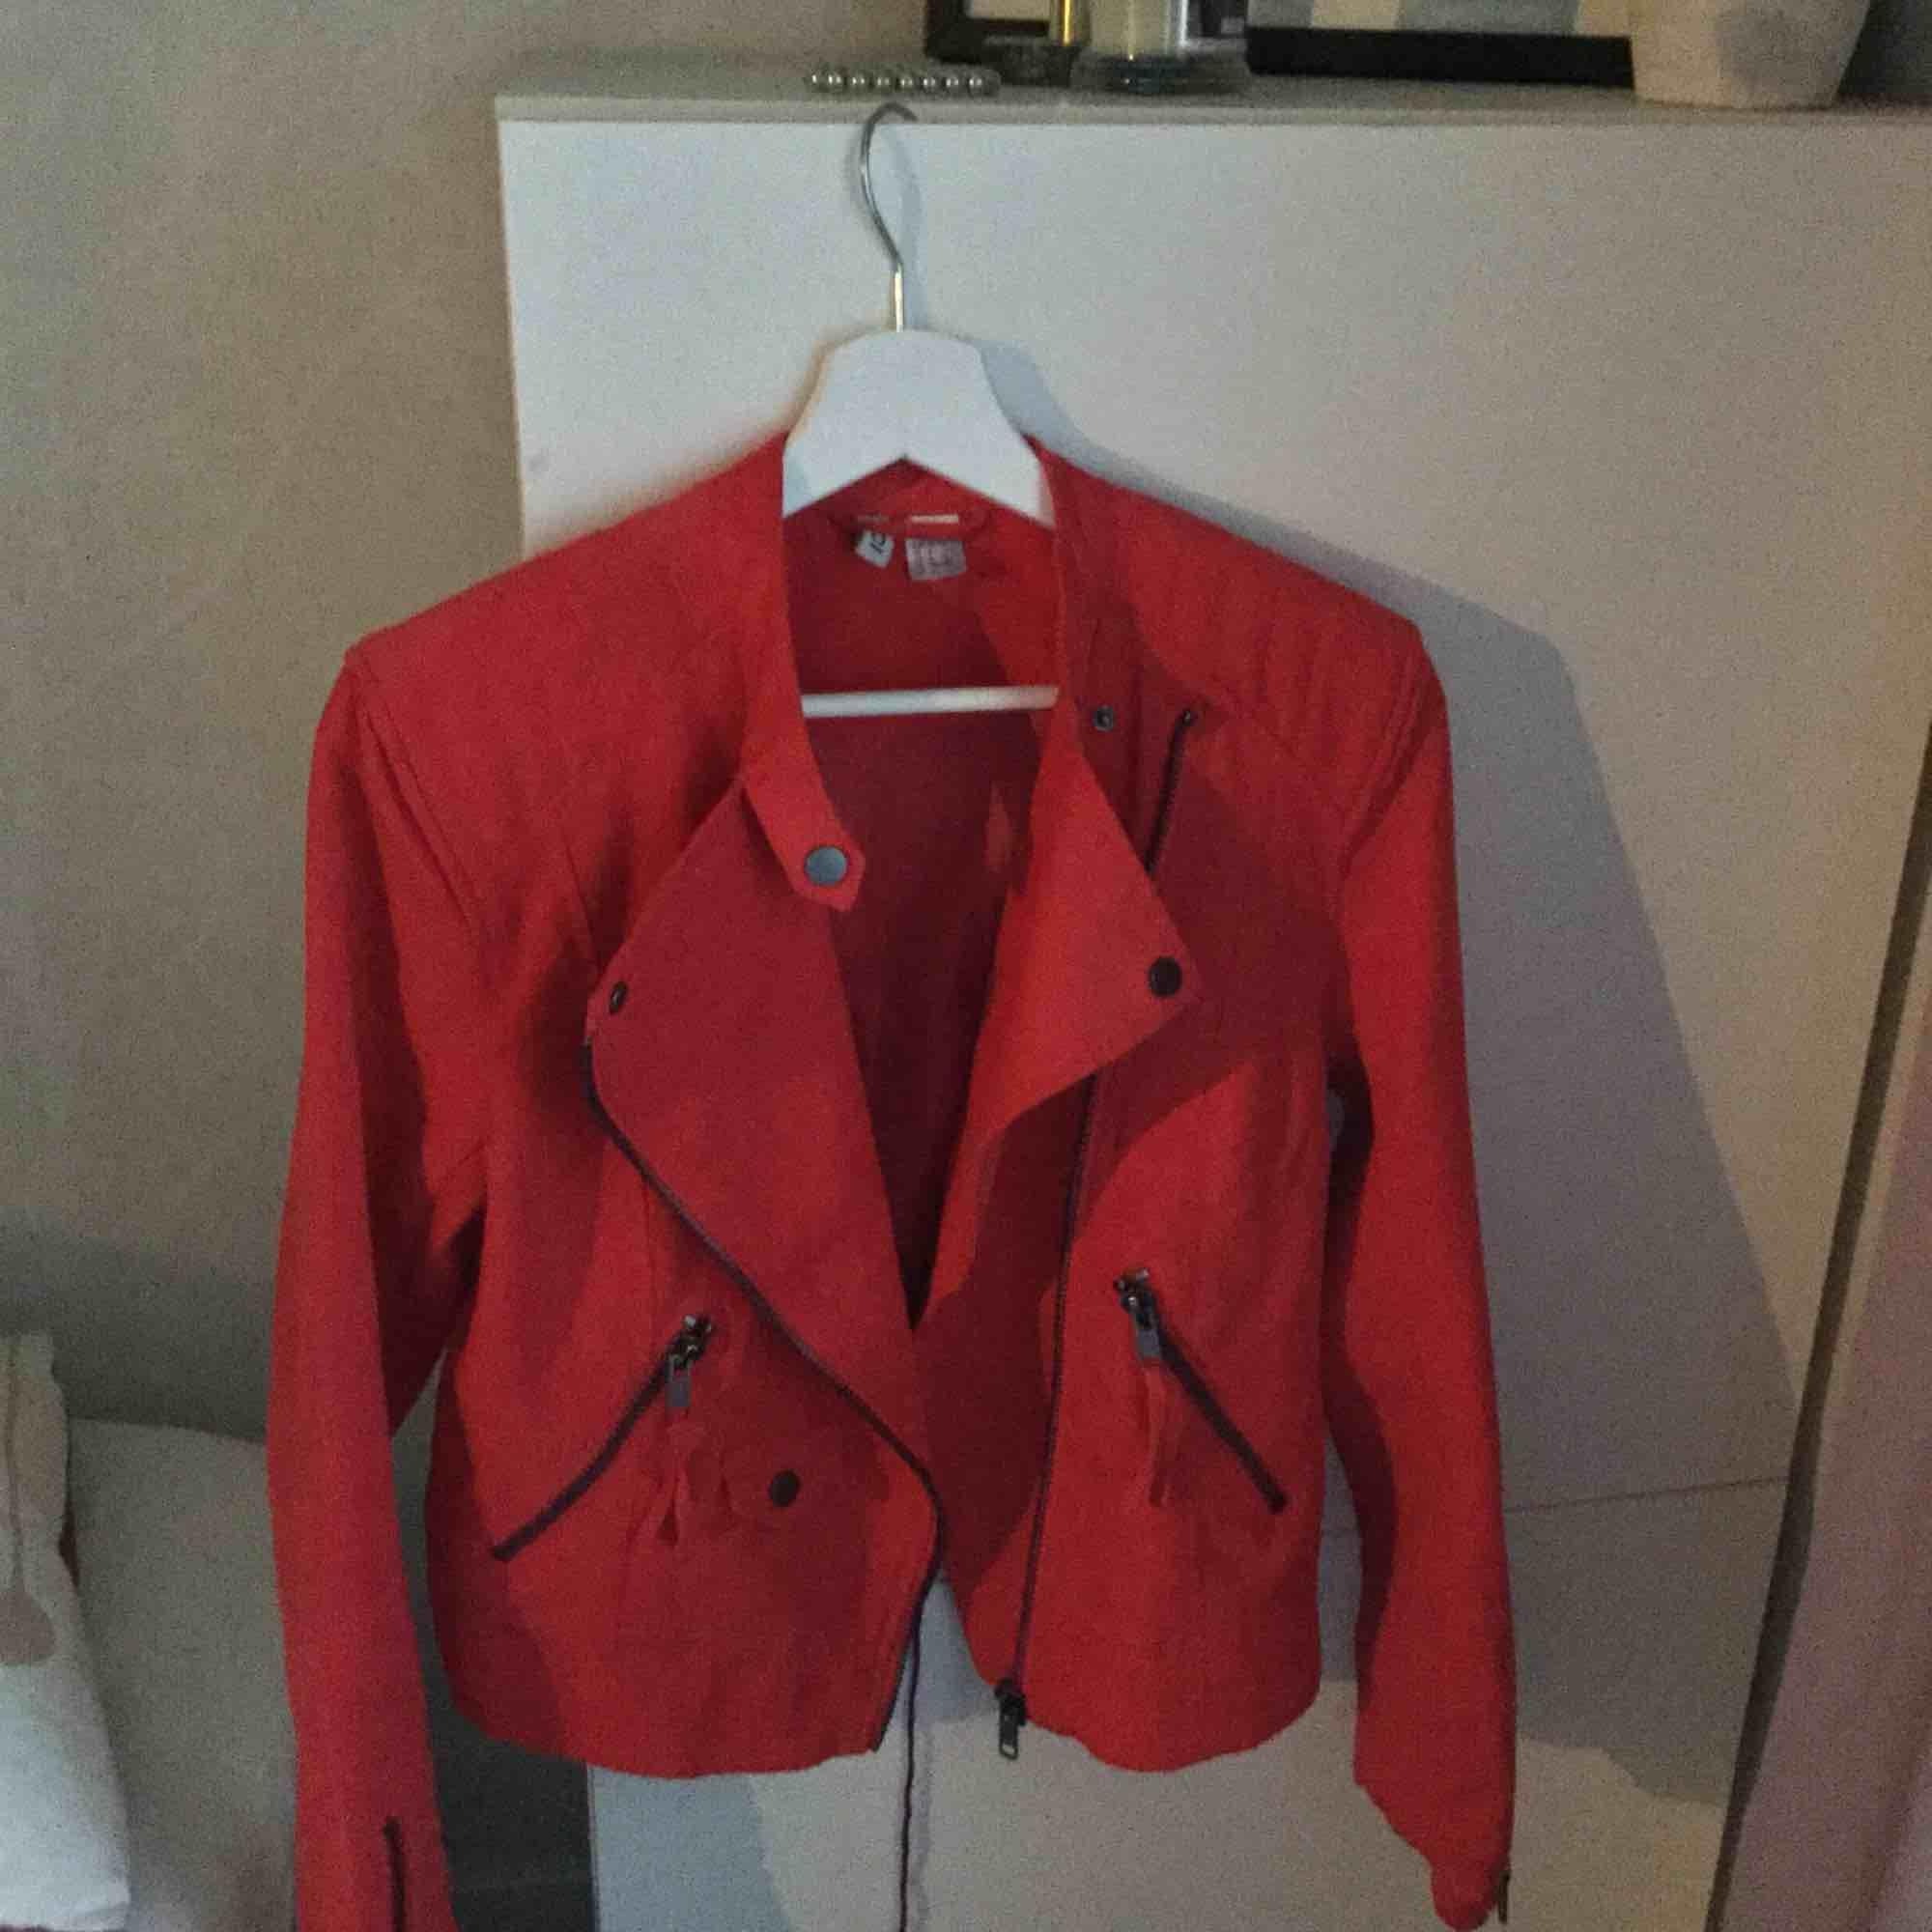 Röd jacka i mocka tyg från h&m. Nypris 300. Köpt för ett halvår sedan men ej använt mer än två gånger. Passar även storlek 36. Jackor.